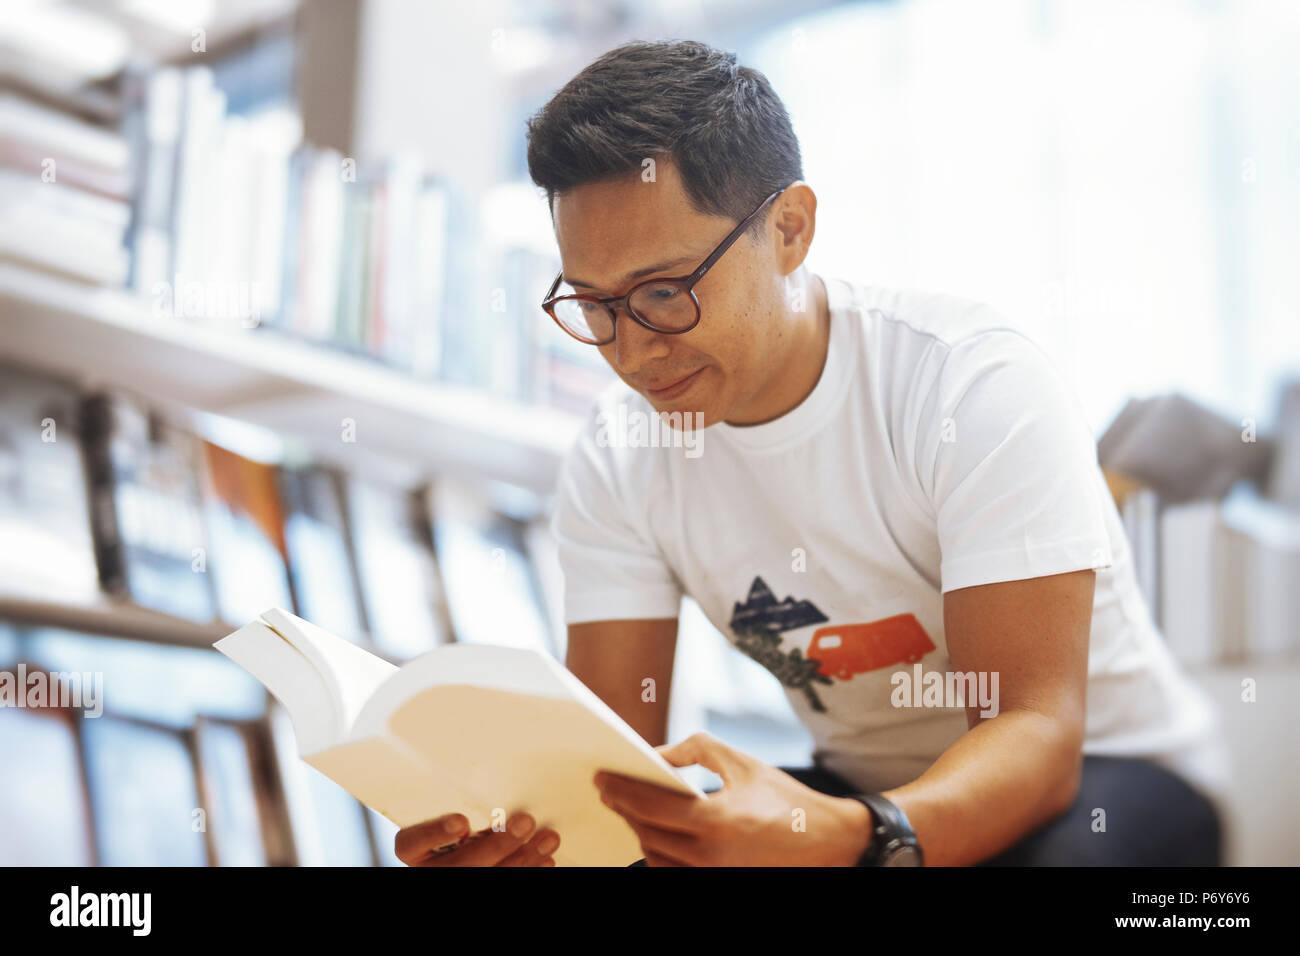 Junger brillenbär Mann sitzt in einem Buch speichern und lesen Buch mit Abdeckung Stockbild